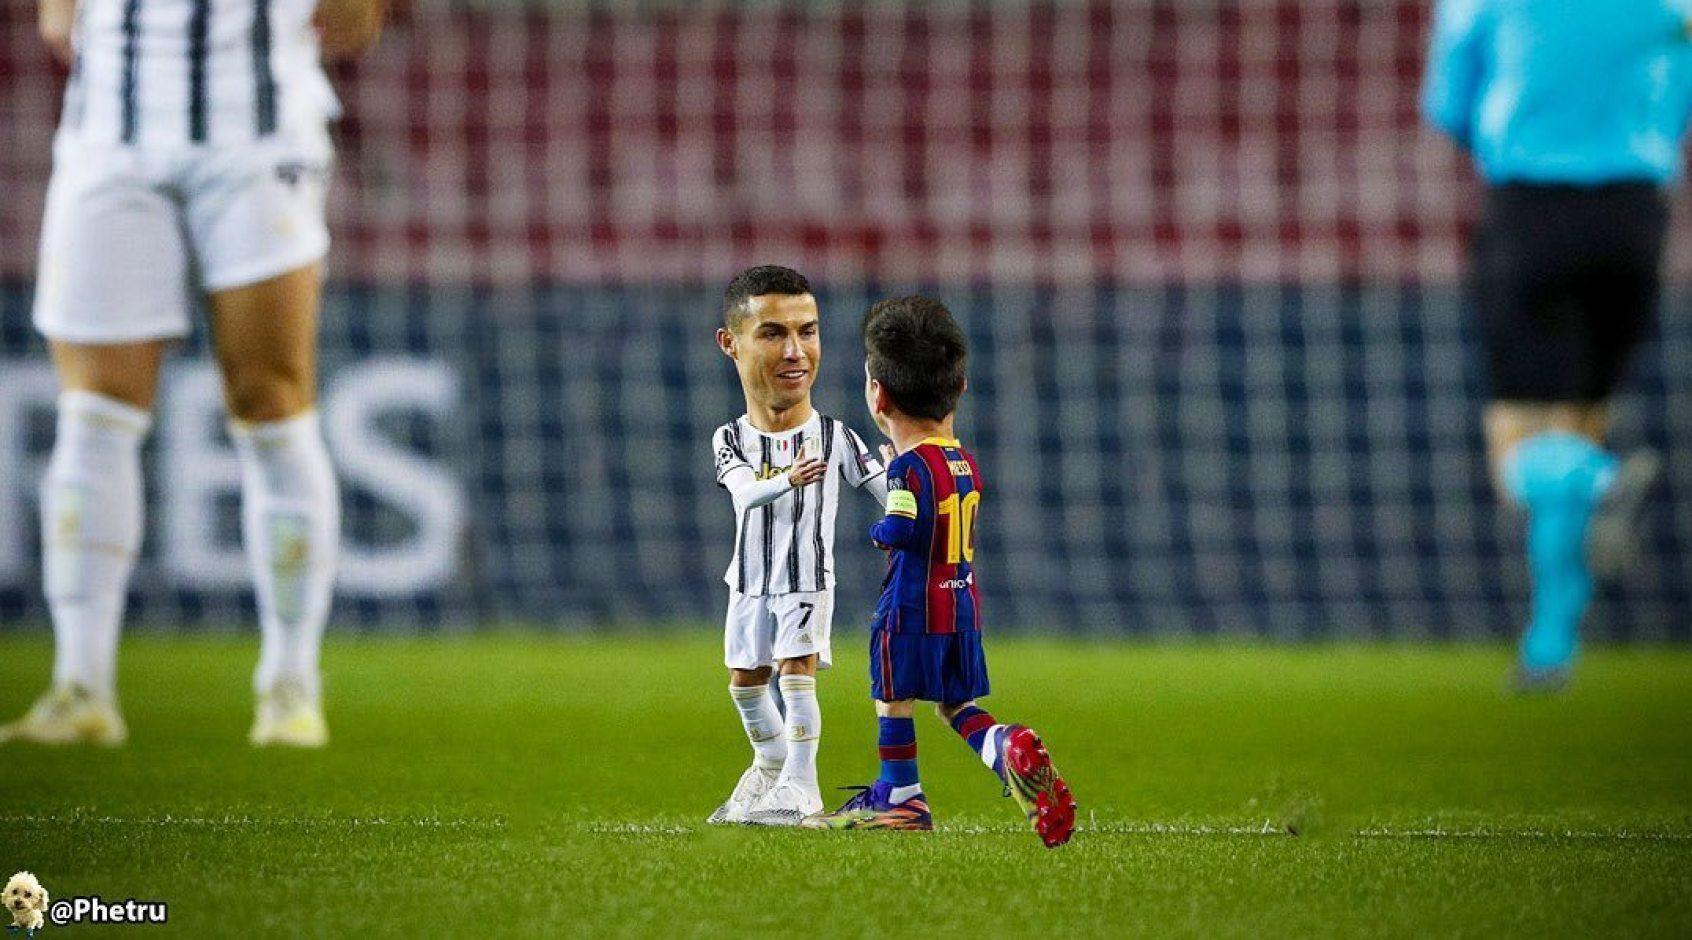 Футбол в миниатюре, или Новый тренд футбольного мира, покоривший своей милотой